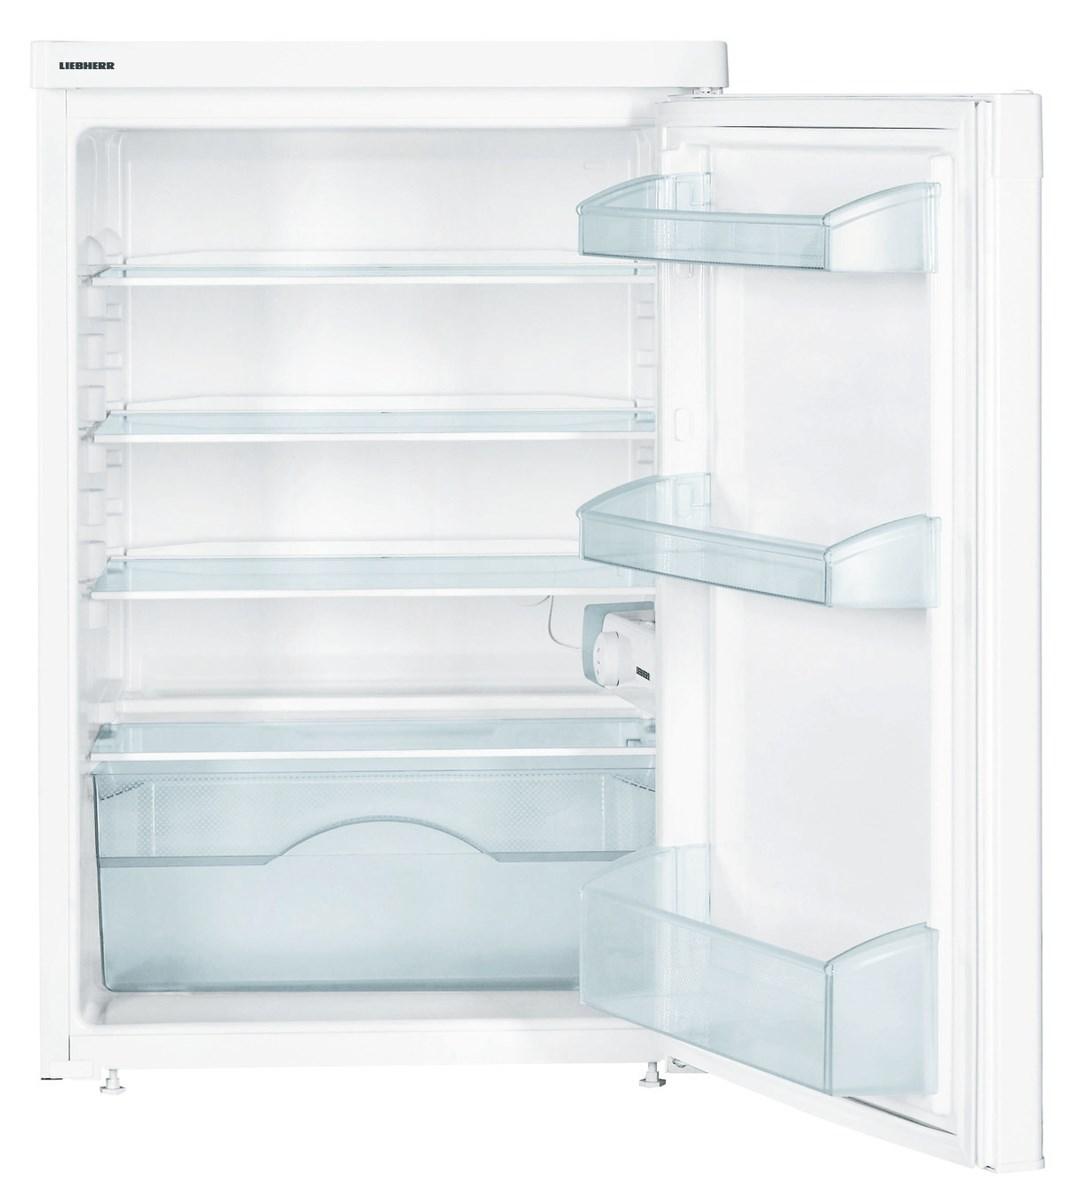 Liebherr T 1700 kompakt hűtőszekrény